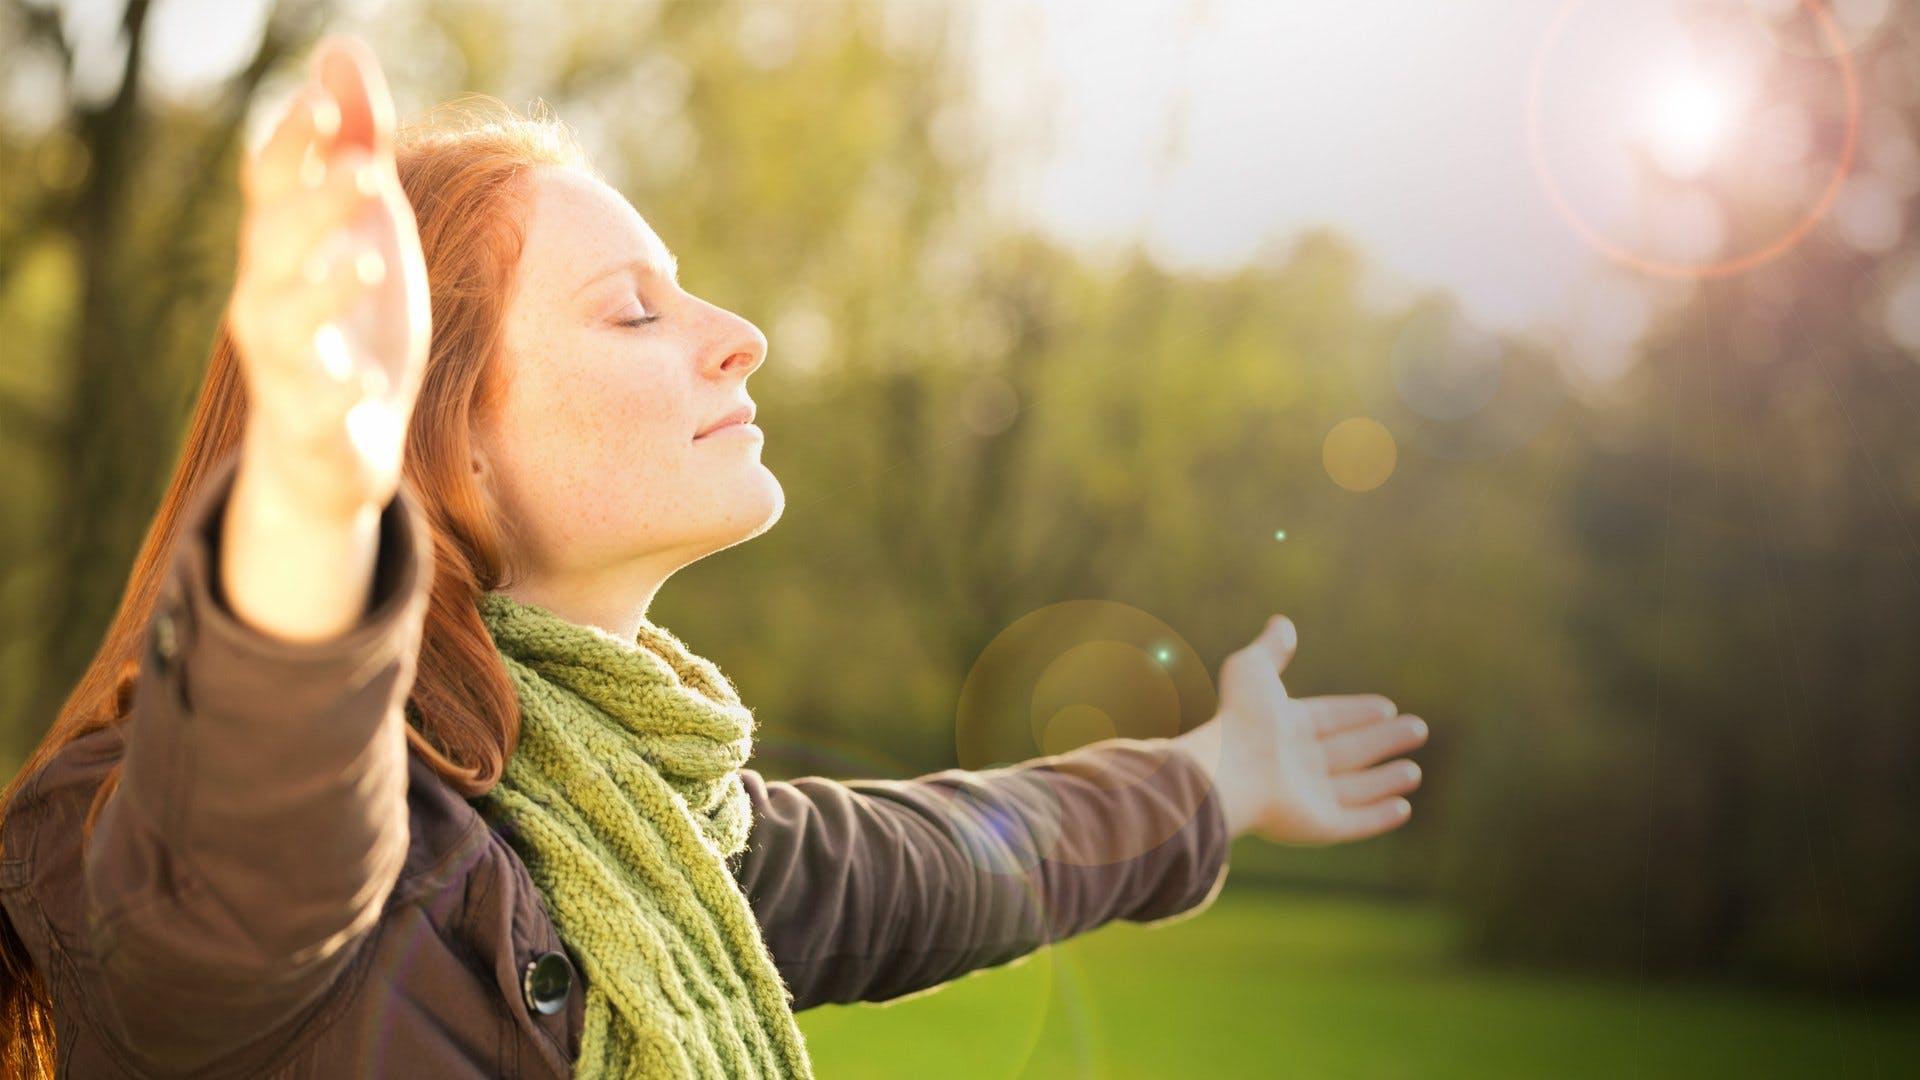 Прогулки в солнечную погоду повышают стрессоустойчивость